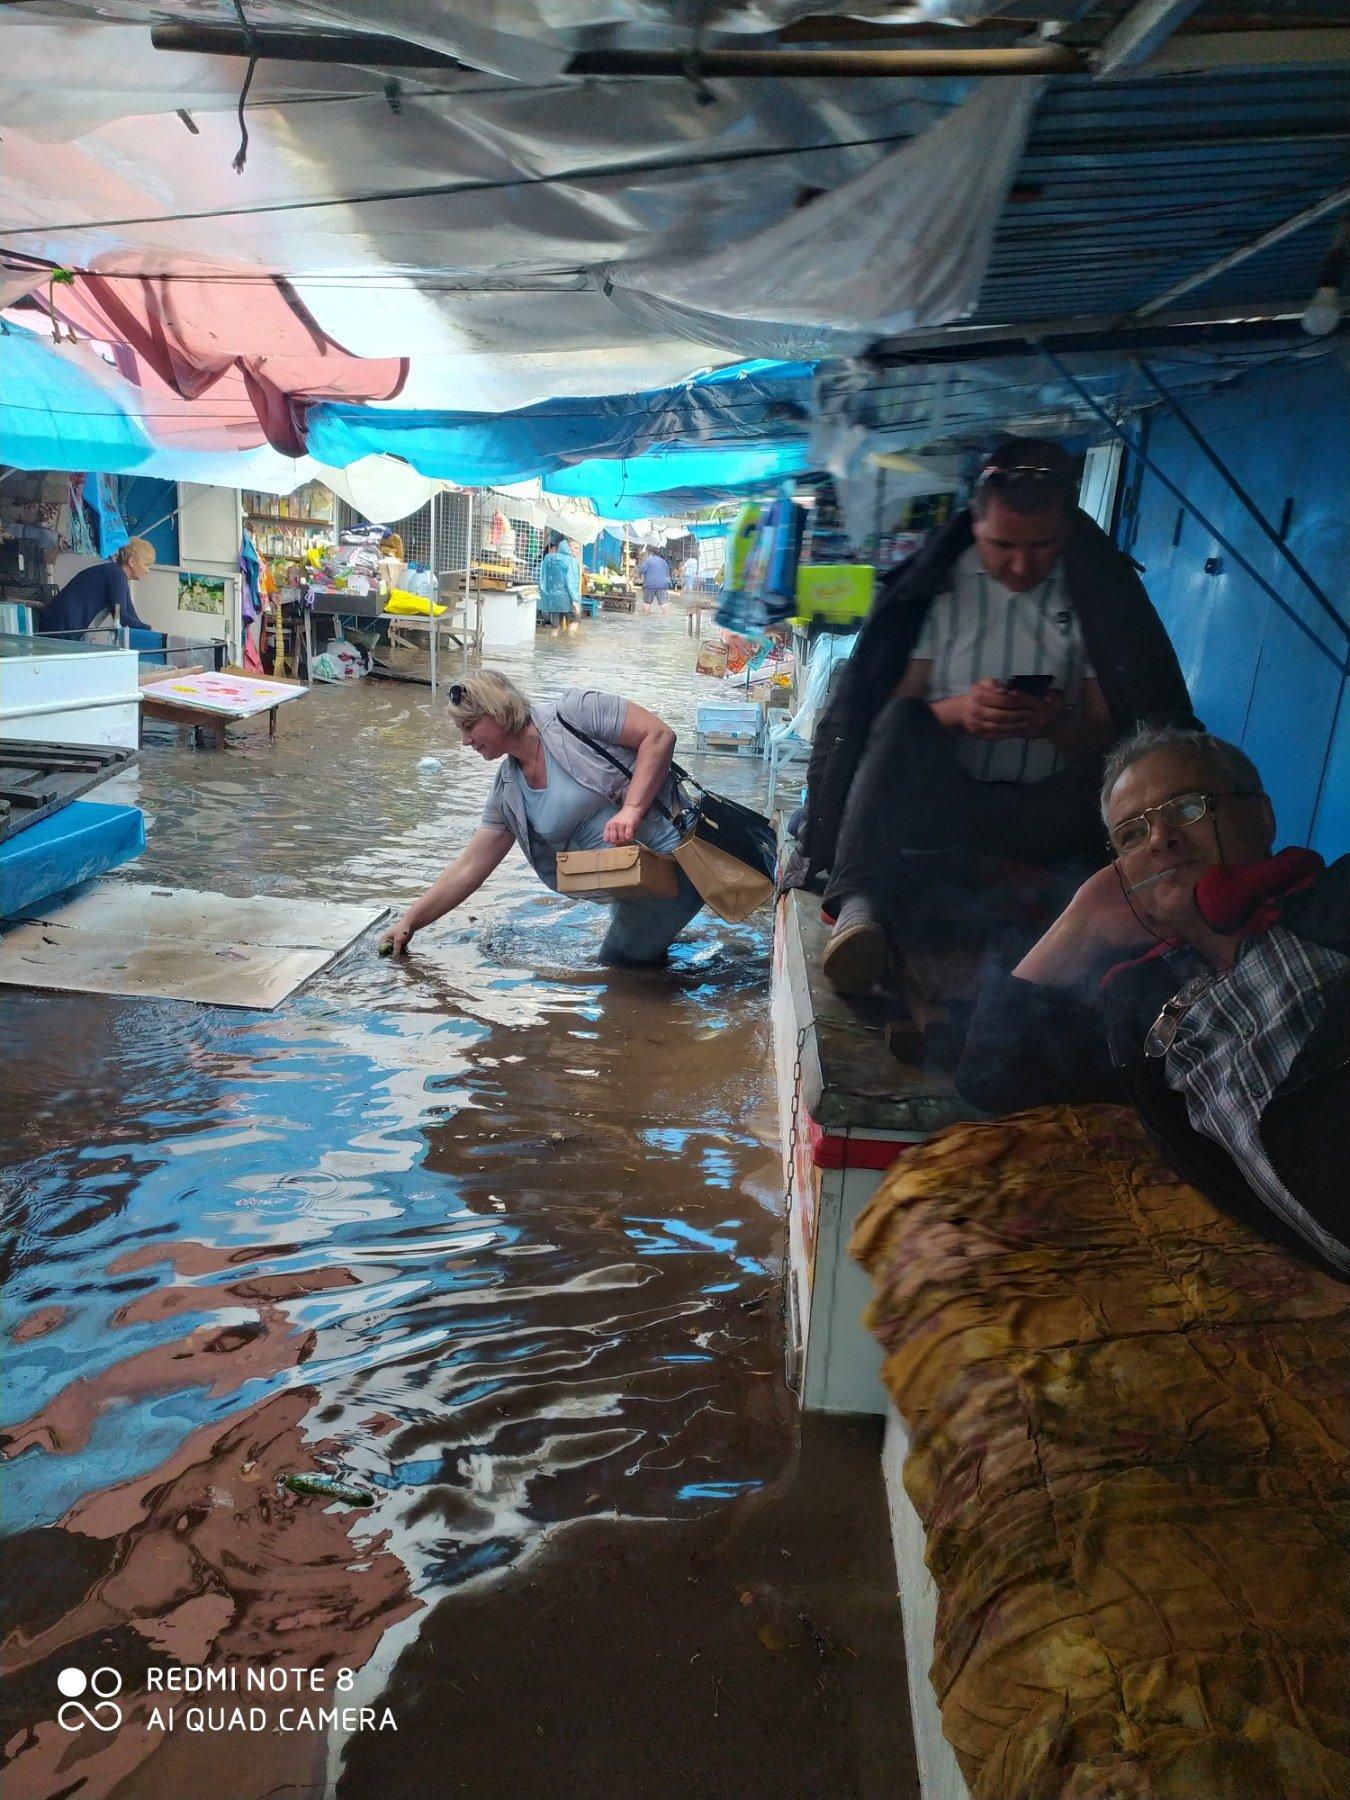 """Чому затоплює ринок у Кам'янці-Подільському?, фото-3, Фото: Вайбер-спільнота """"ЖКГ -ІНФО"""""""